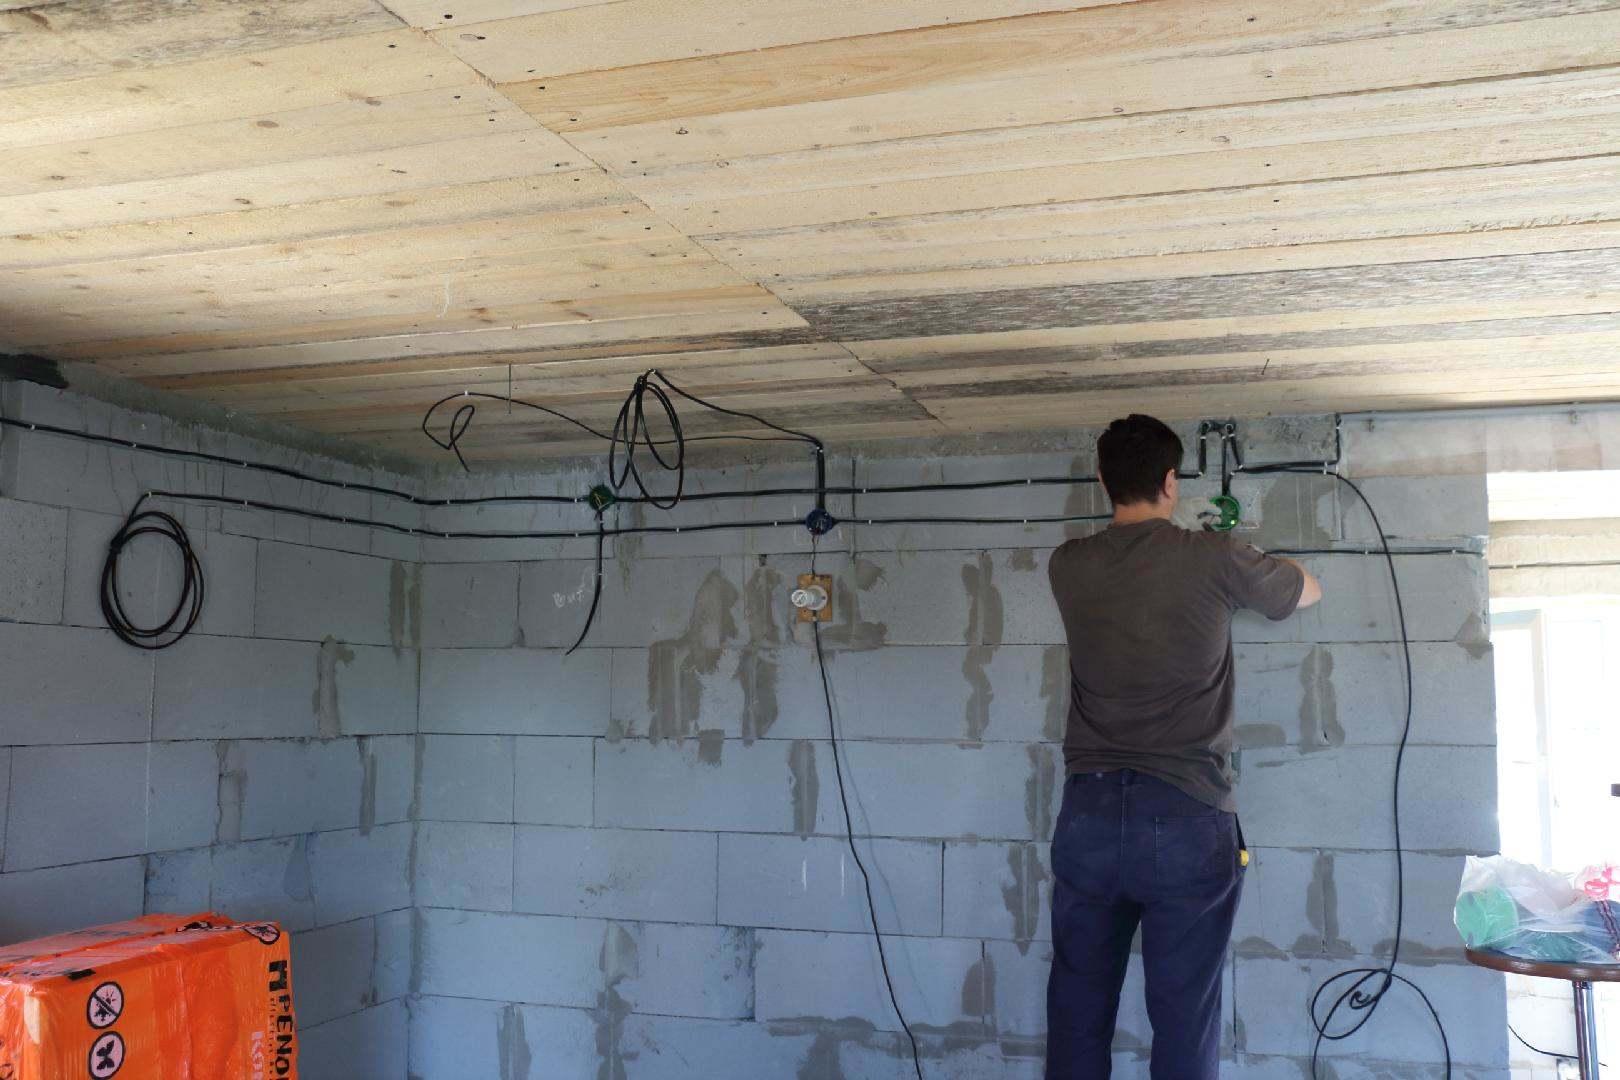 Делаем монтаж электропроводки в деревянном частном доме своими руками? Пошаговая инструкция как развести, схема- Обзор Видео